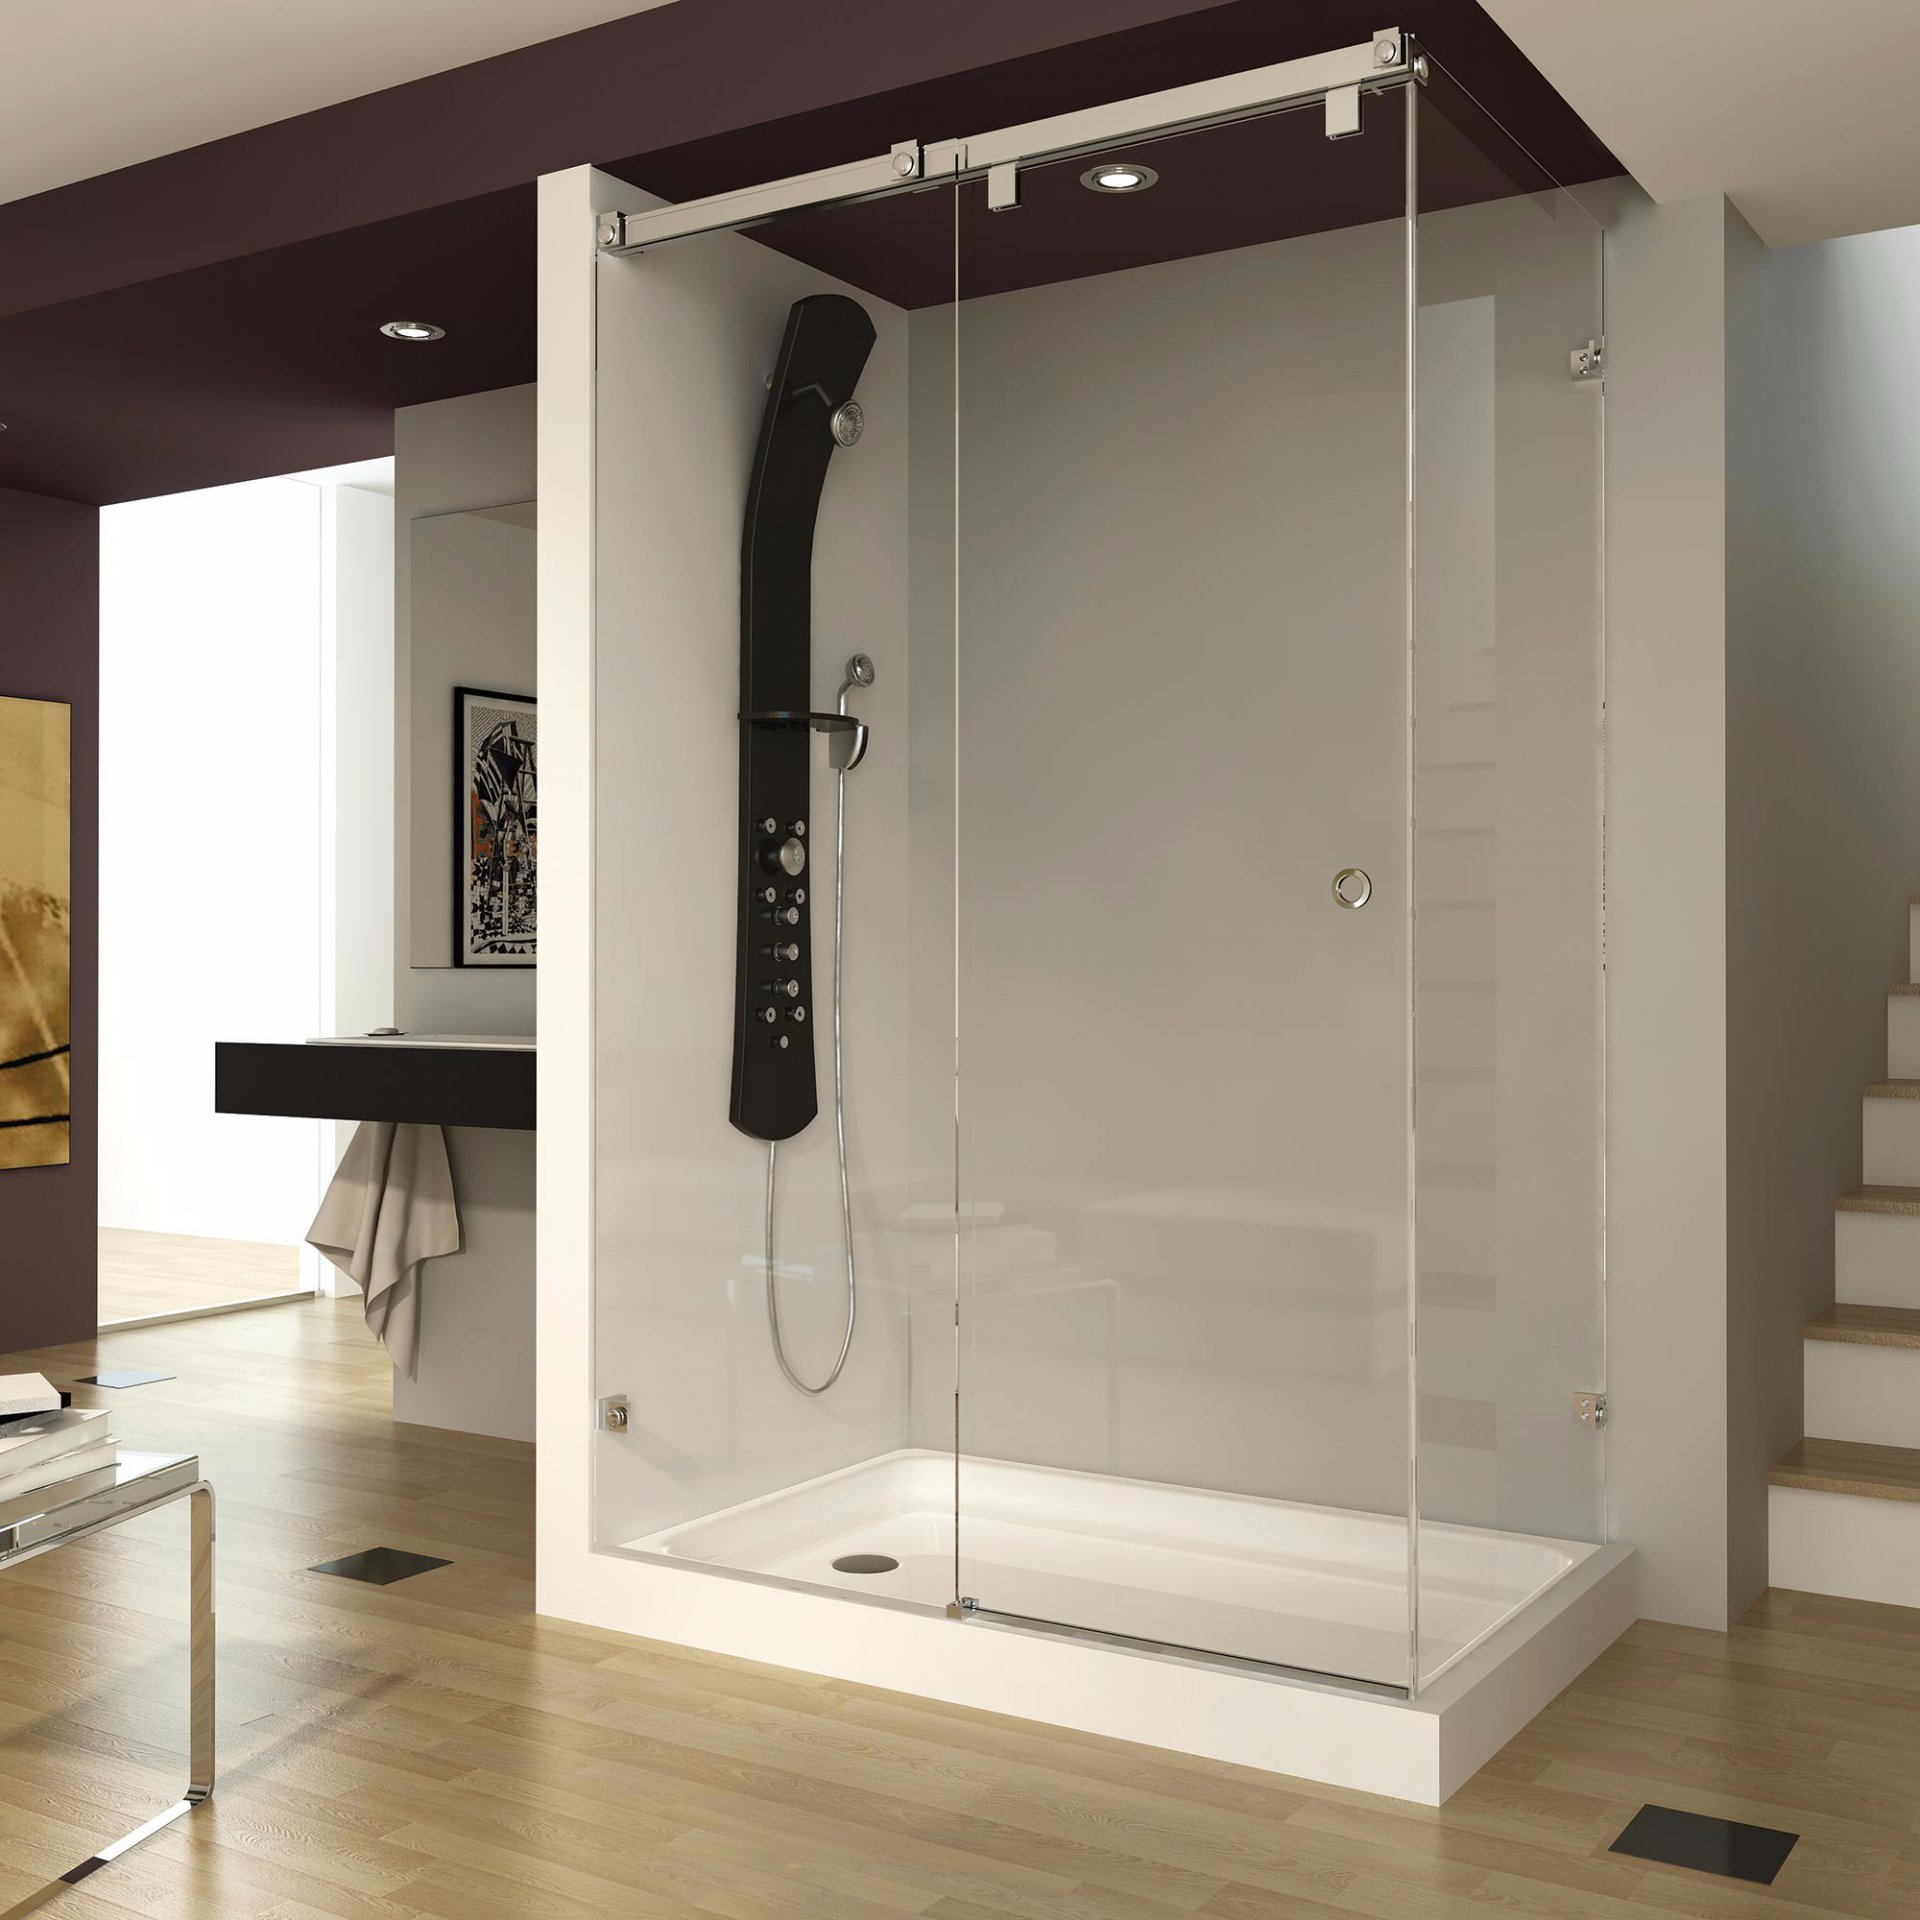 Mamparas de ducha - Mamparas plato ducha baratas ...